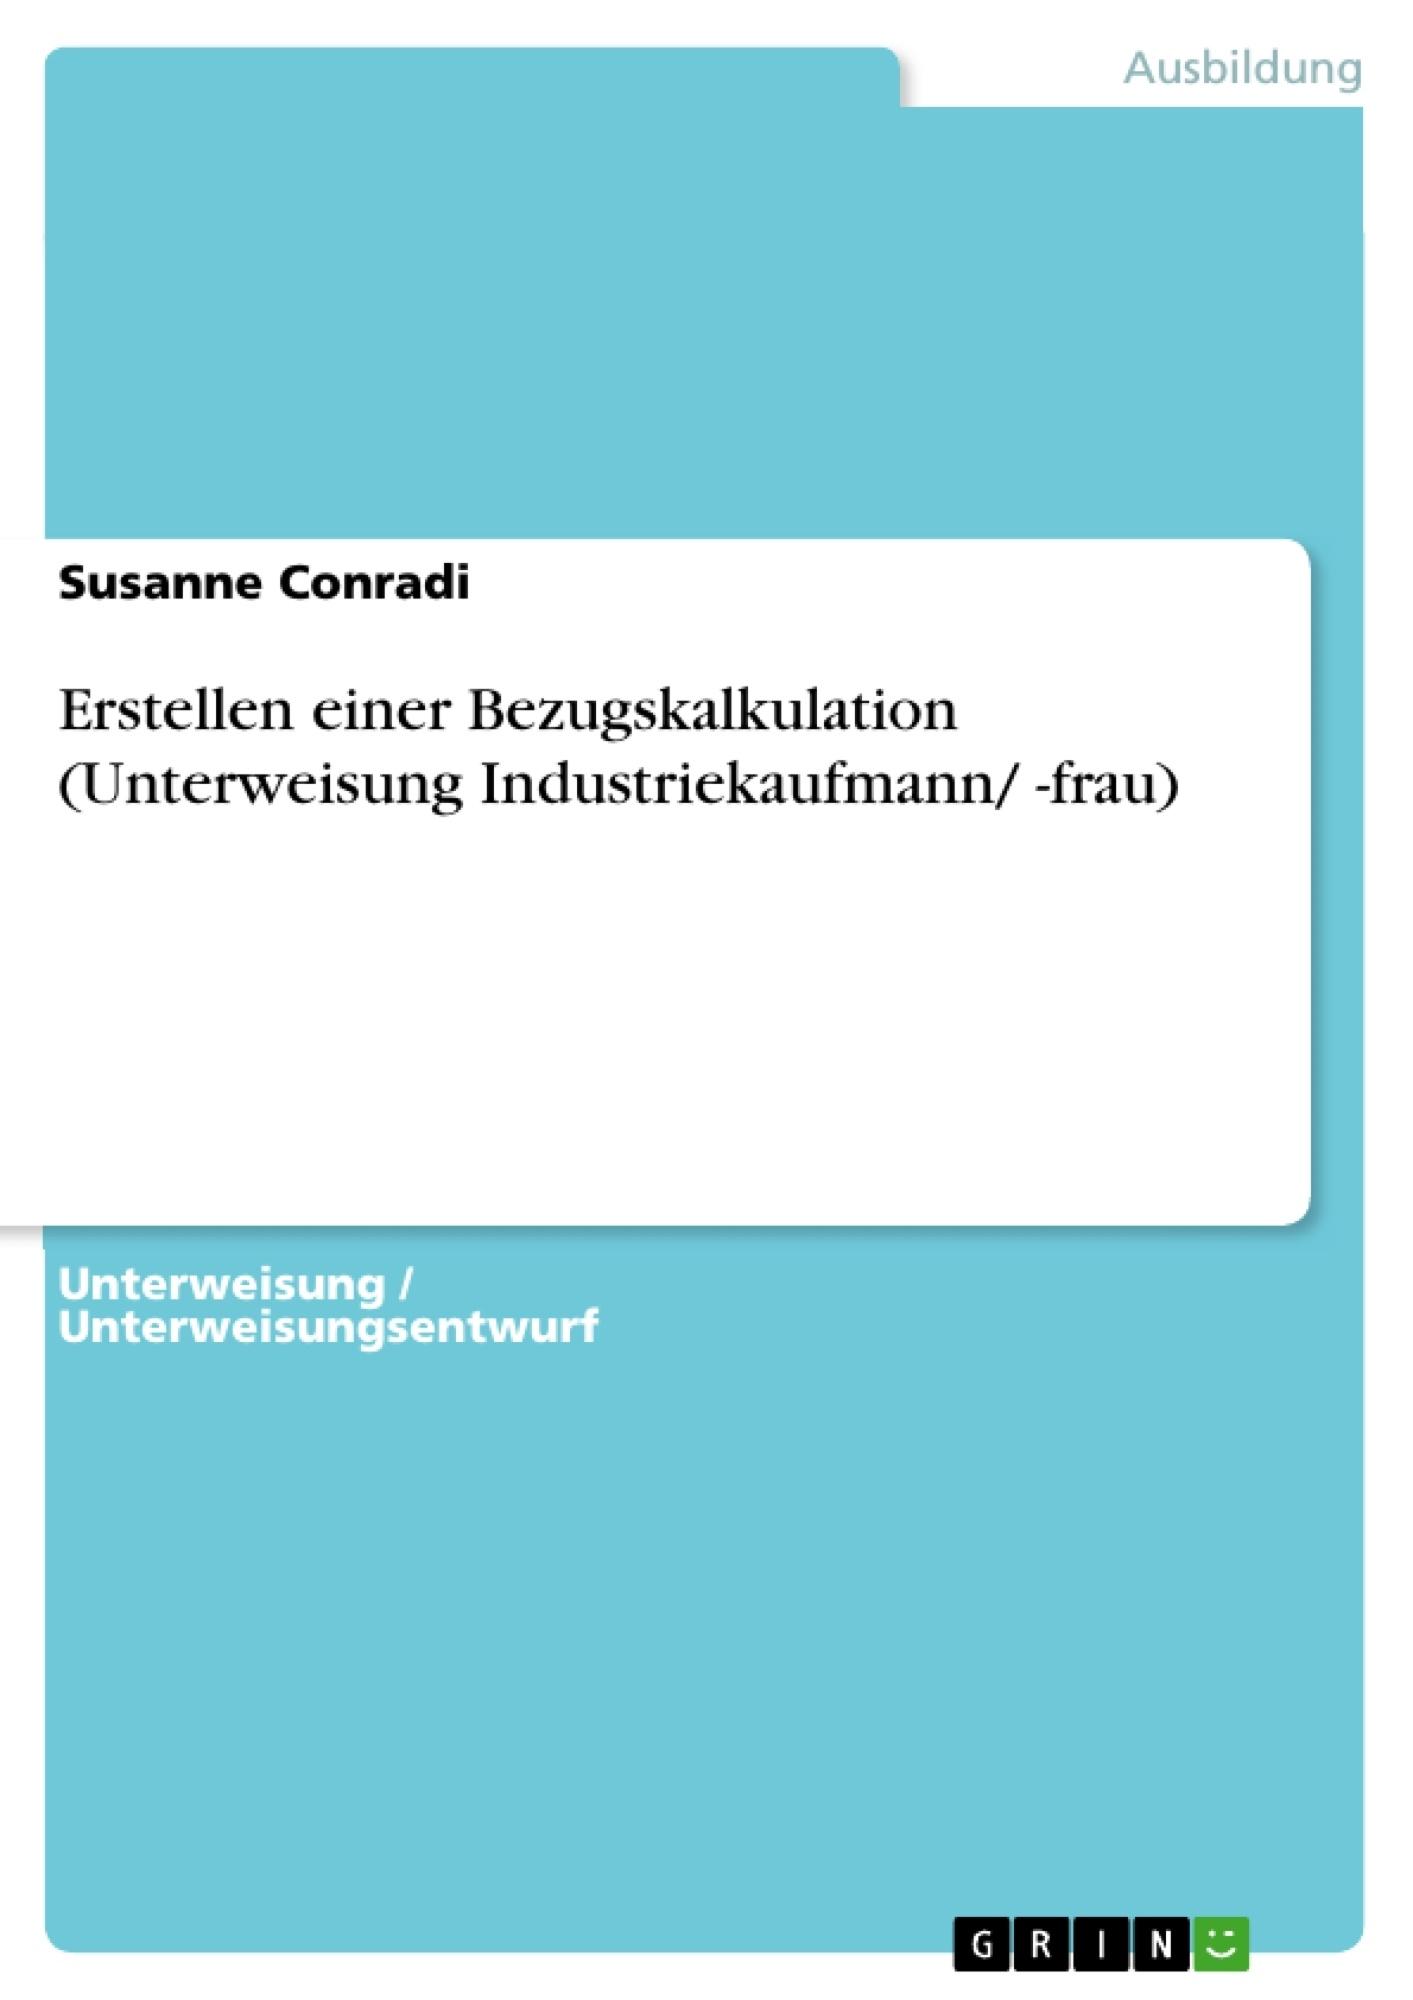 Titel: Erstellen einer Bezugskalkulation (Unterweisung Industriekaufmann/ -frau)